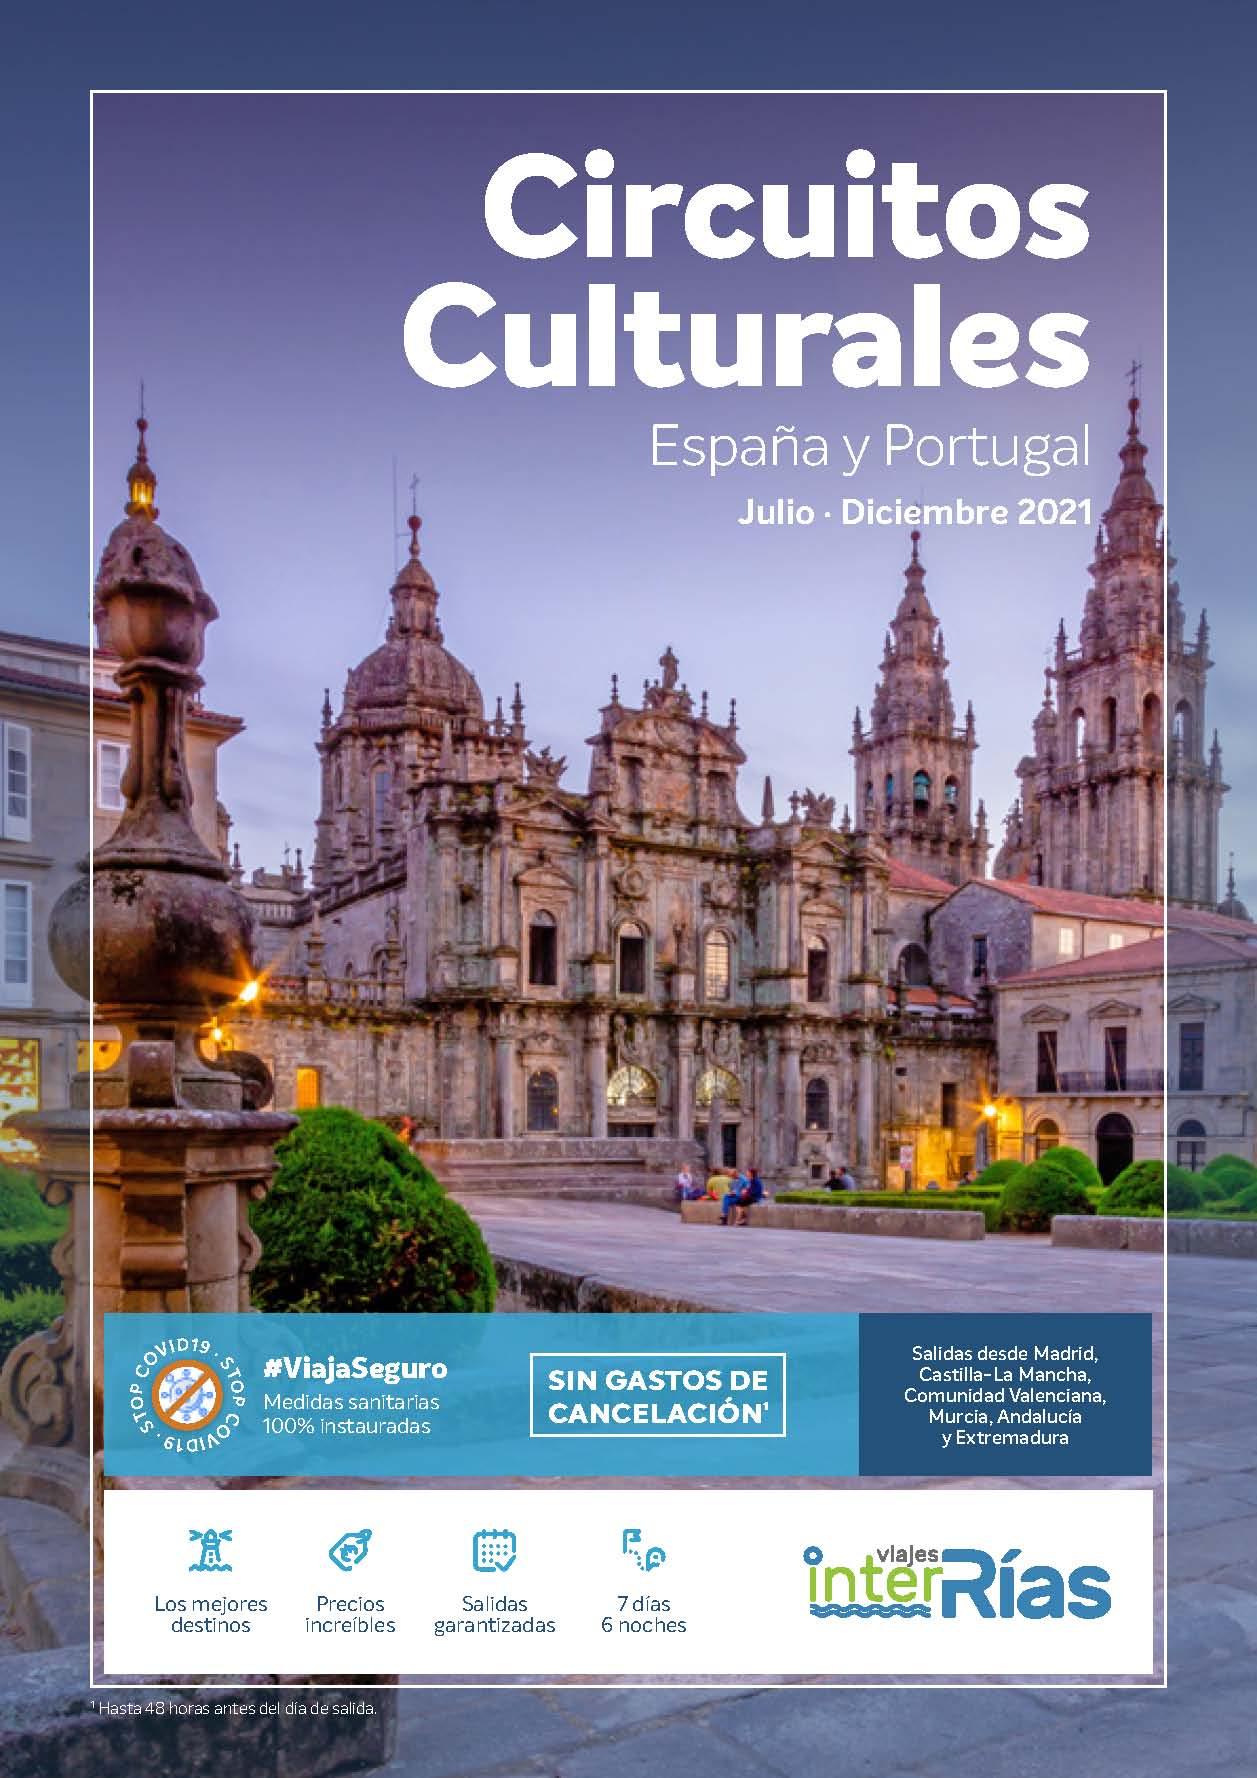 Catalogo Interrias Circuitos Culturales Espana y Portugal Julio a Diciembre 2021 salidas desde zona Centro y Sur